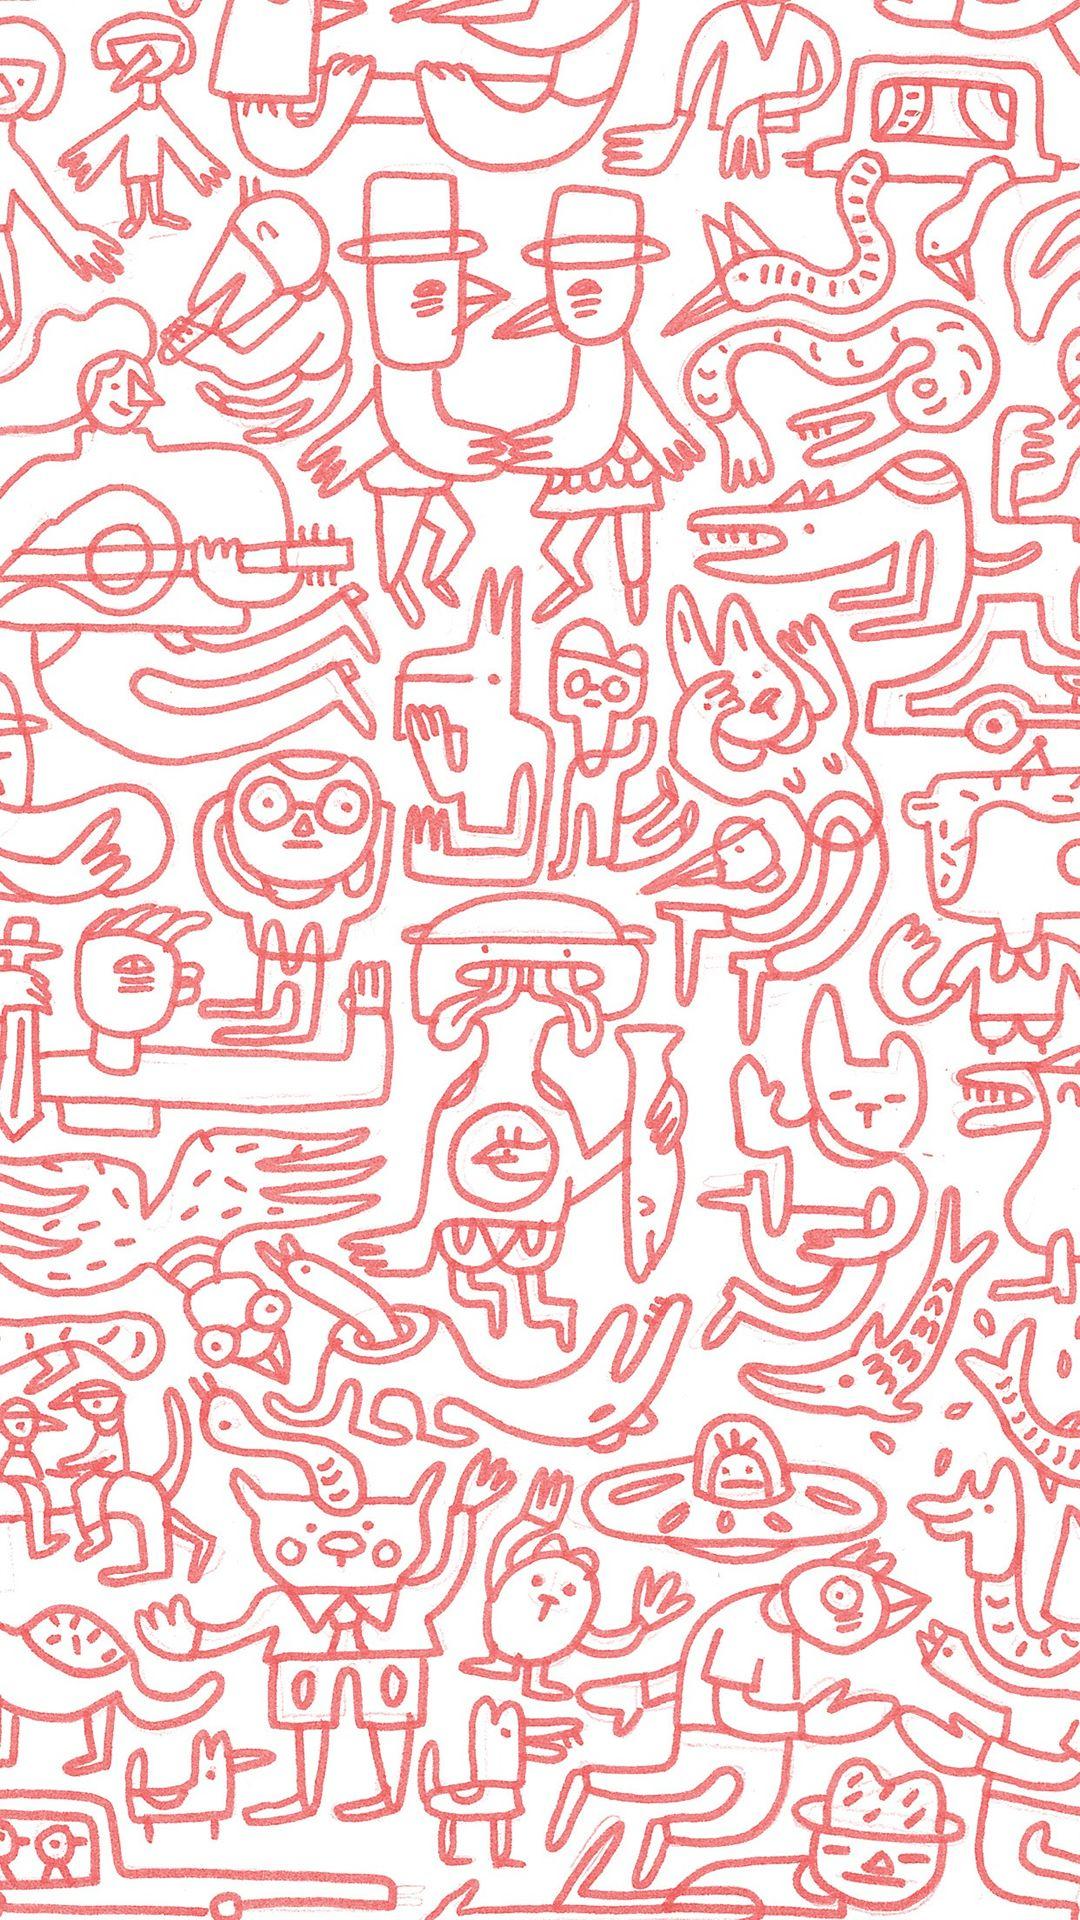 judy kaufmann red mural iphone 6 plus wallpaper iphone 6~8judy kaufmann red mural iphone 6 plus wallpaper